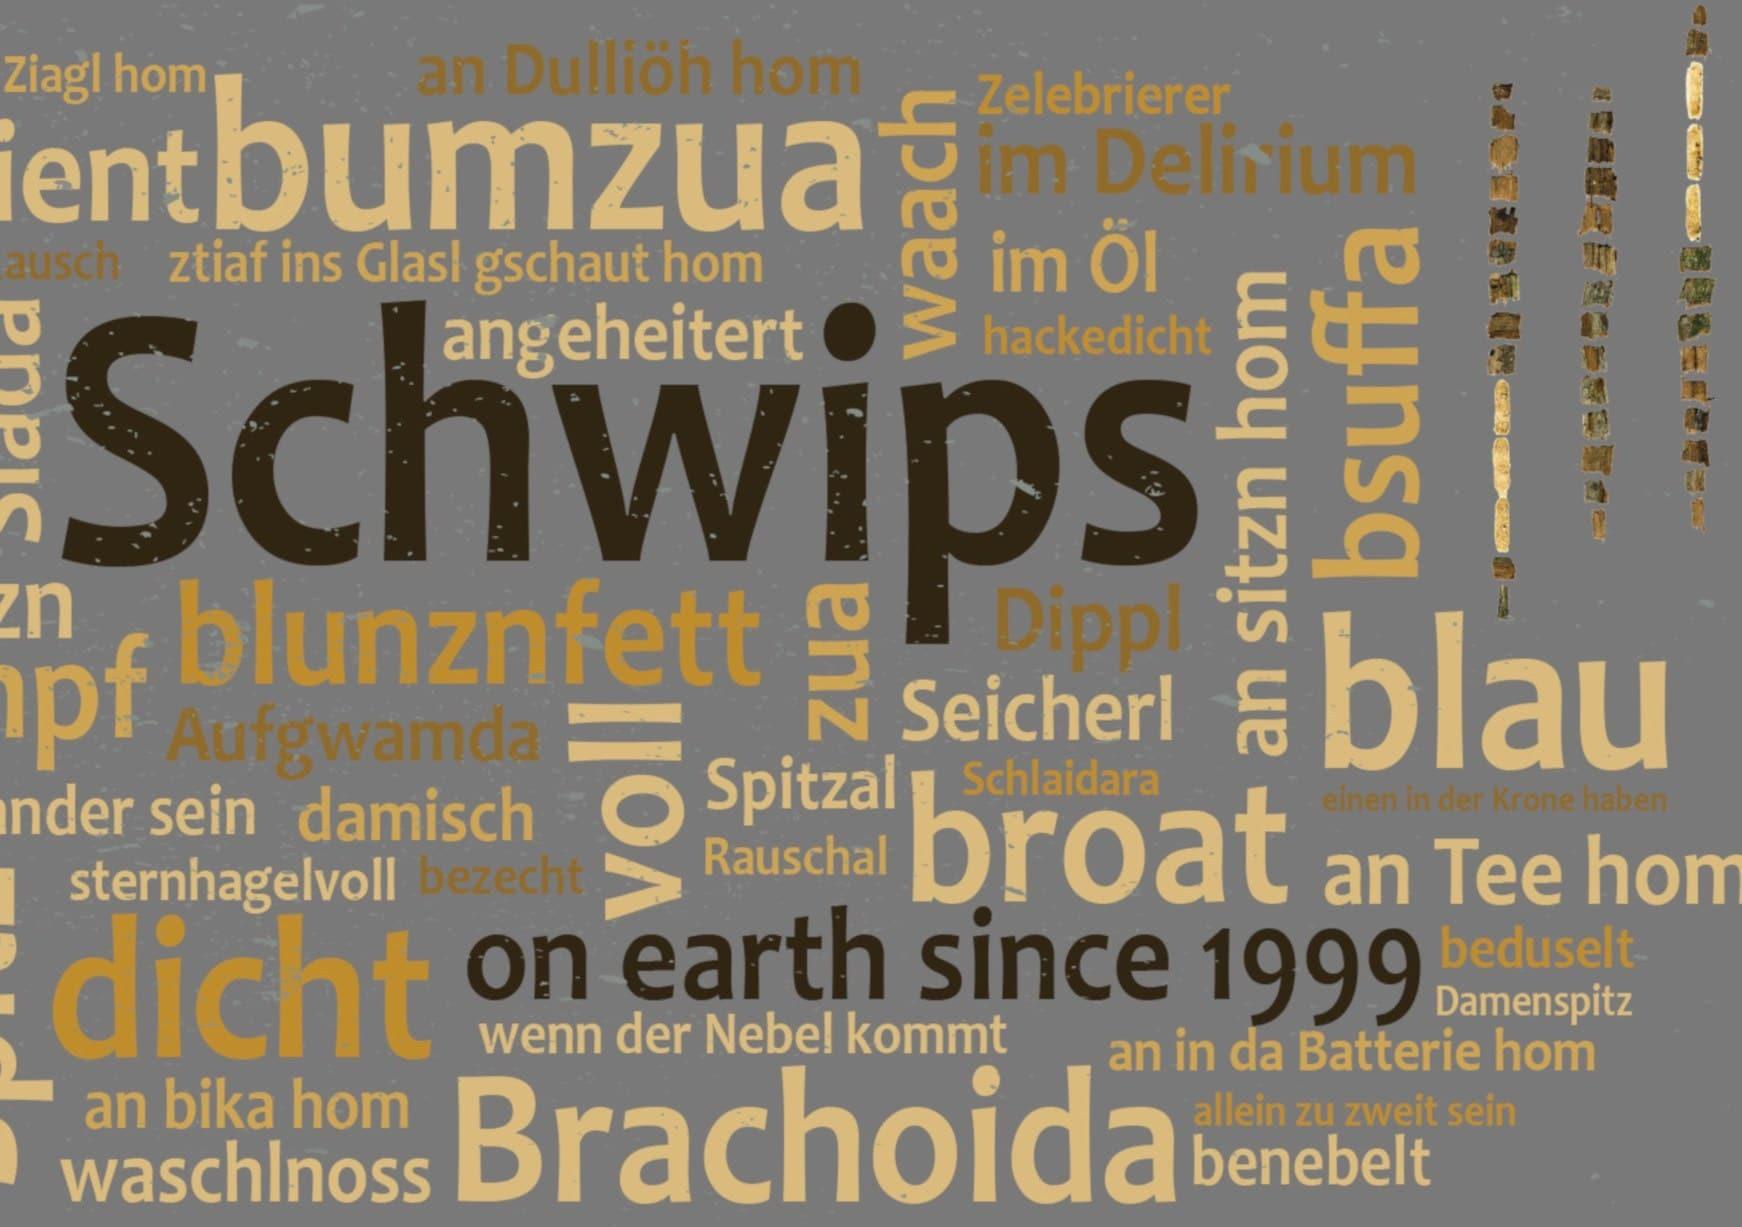 Schwips-Hareter-Weiden-Bio-Frizzante